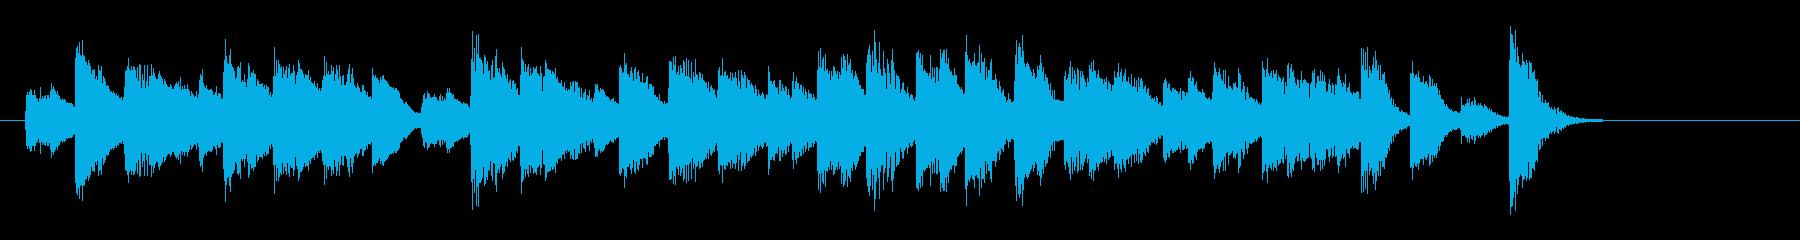 酒場で流れるおしゃれで軽快なピアノ曲1の再生済みの波形